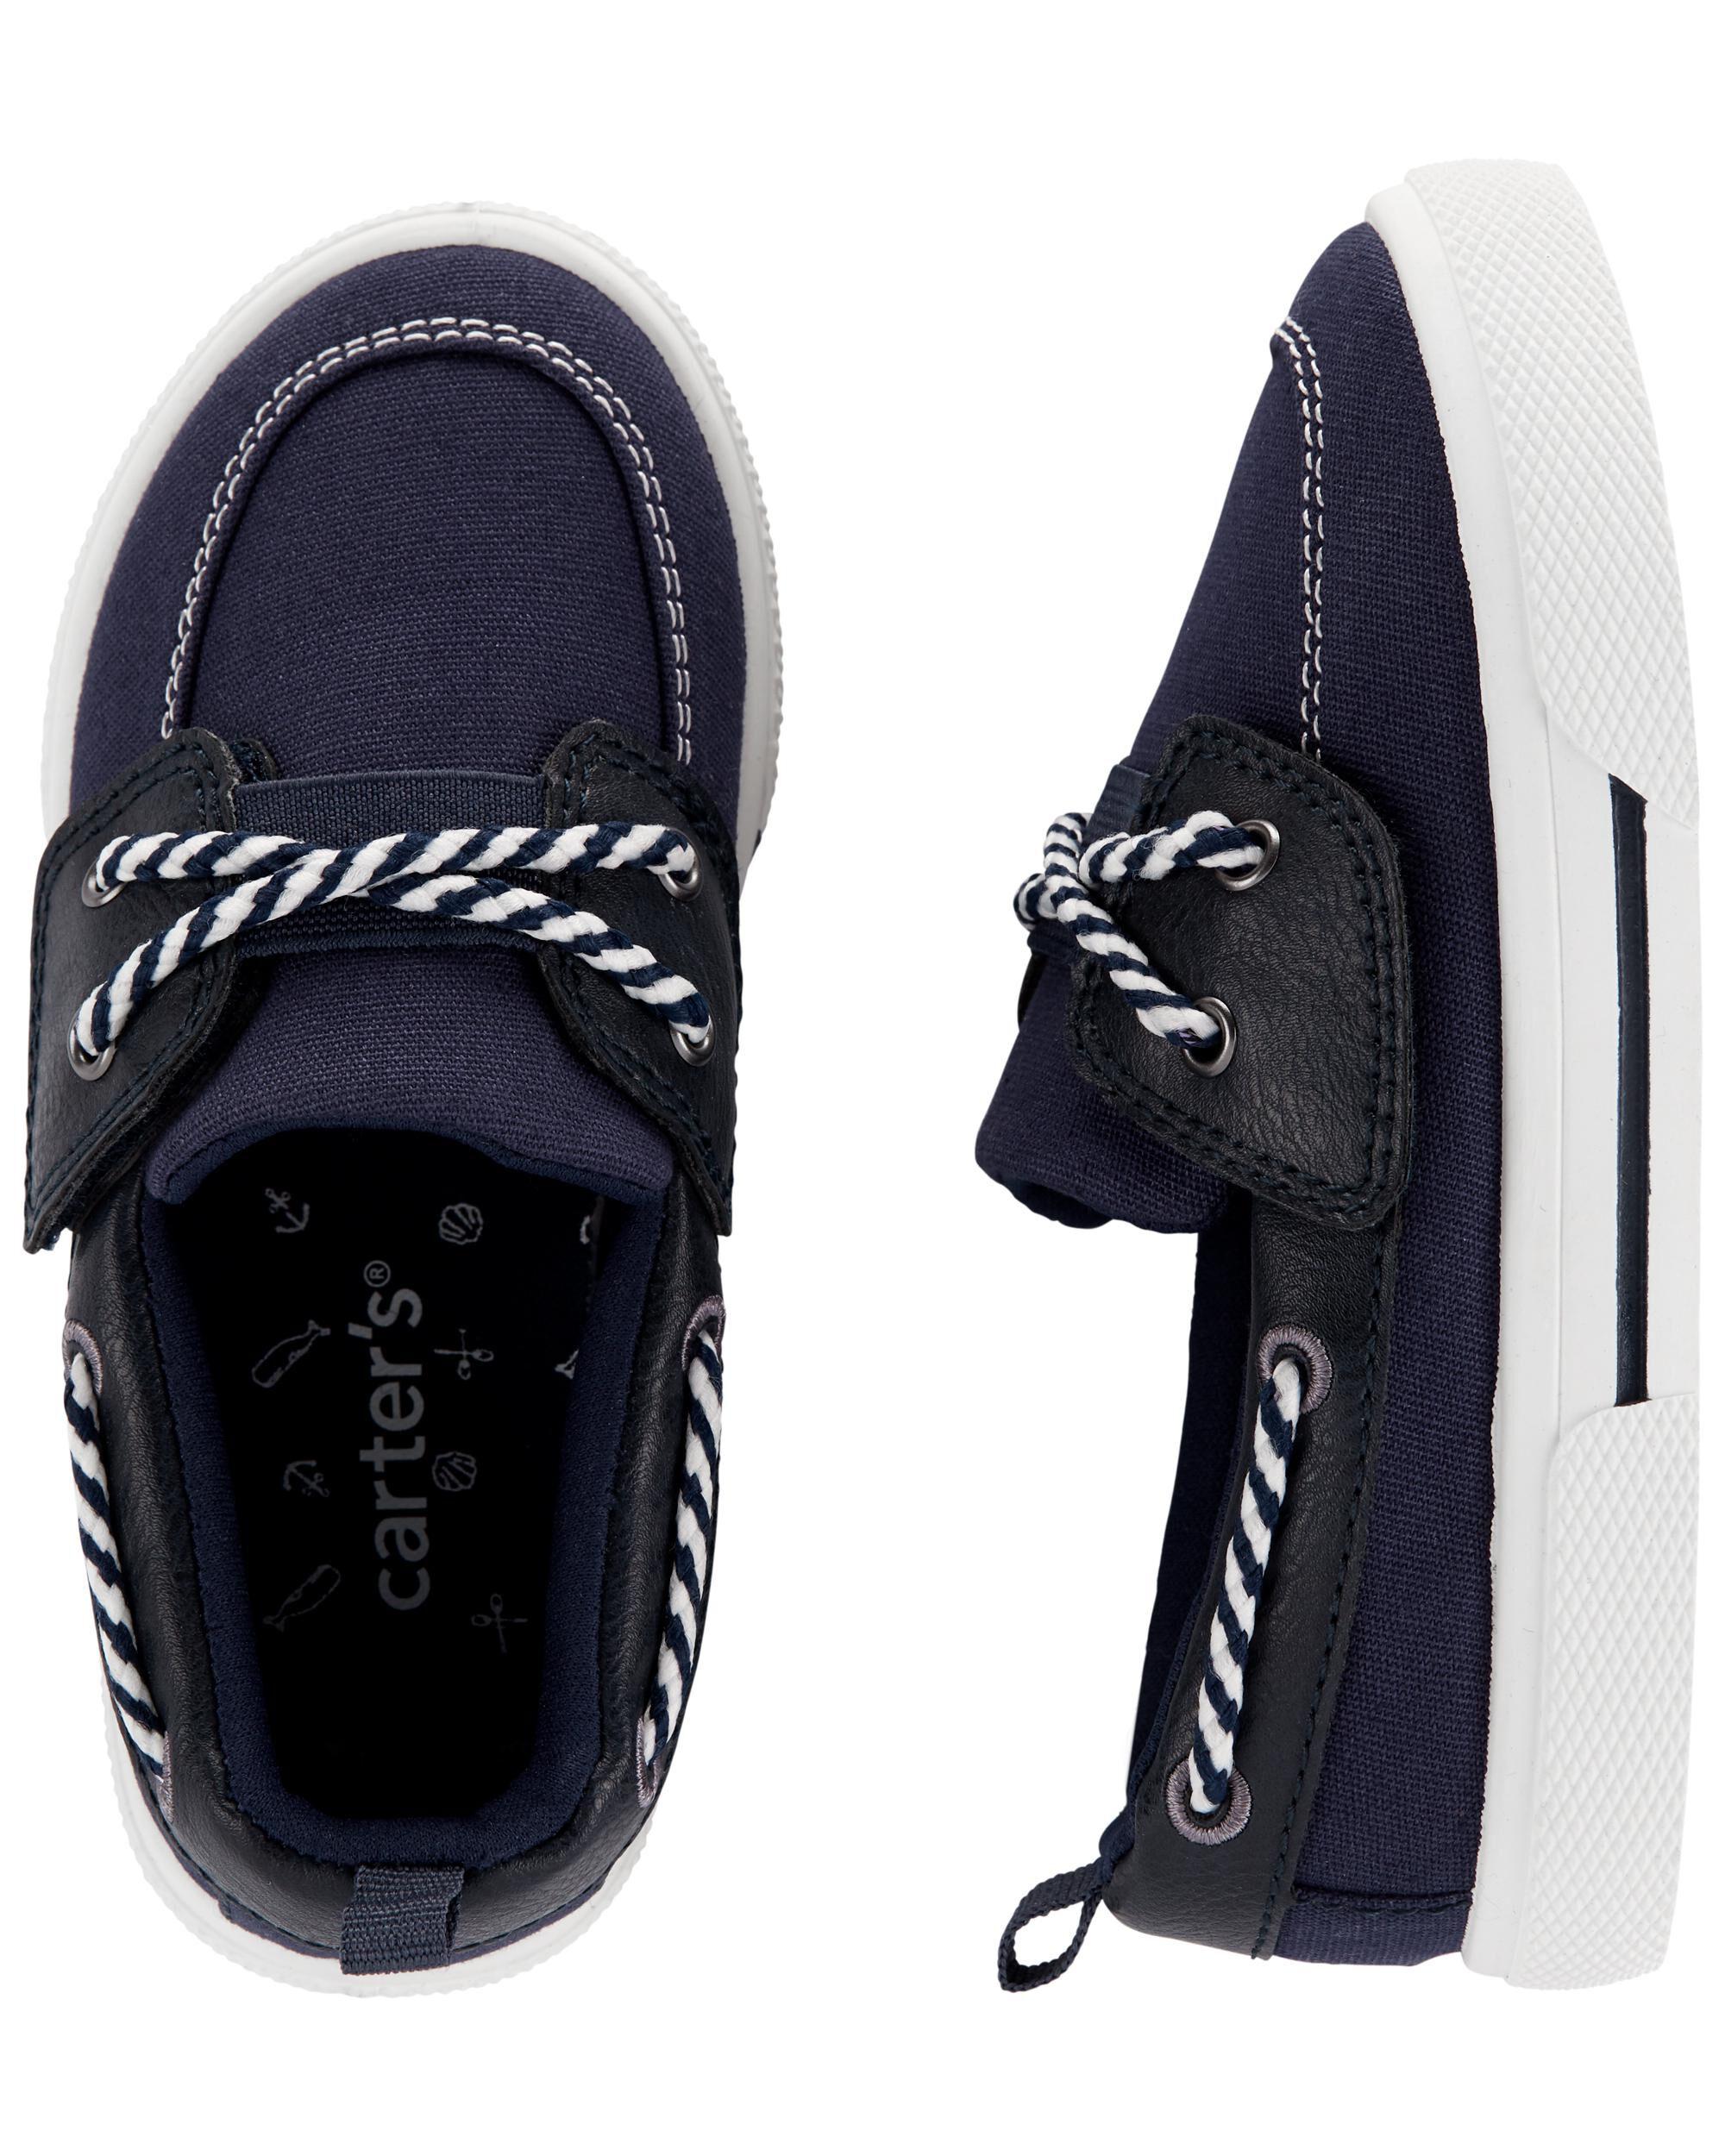 Oshkoshbgosh Carters Boat Shoes